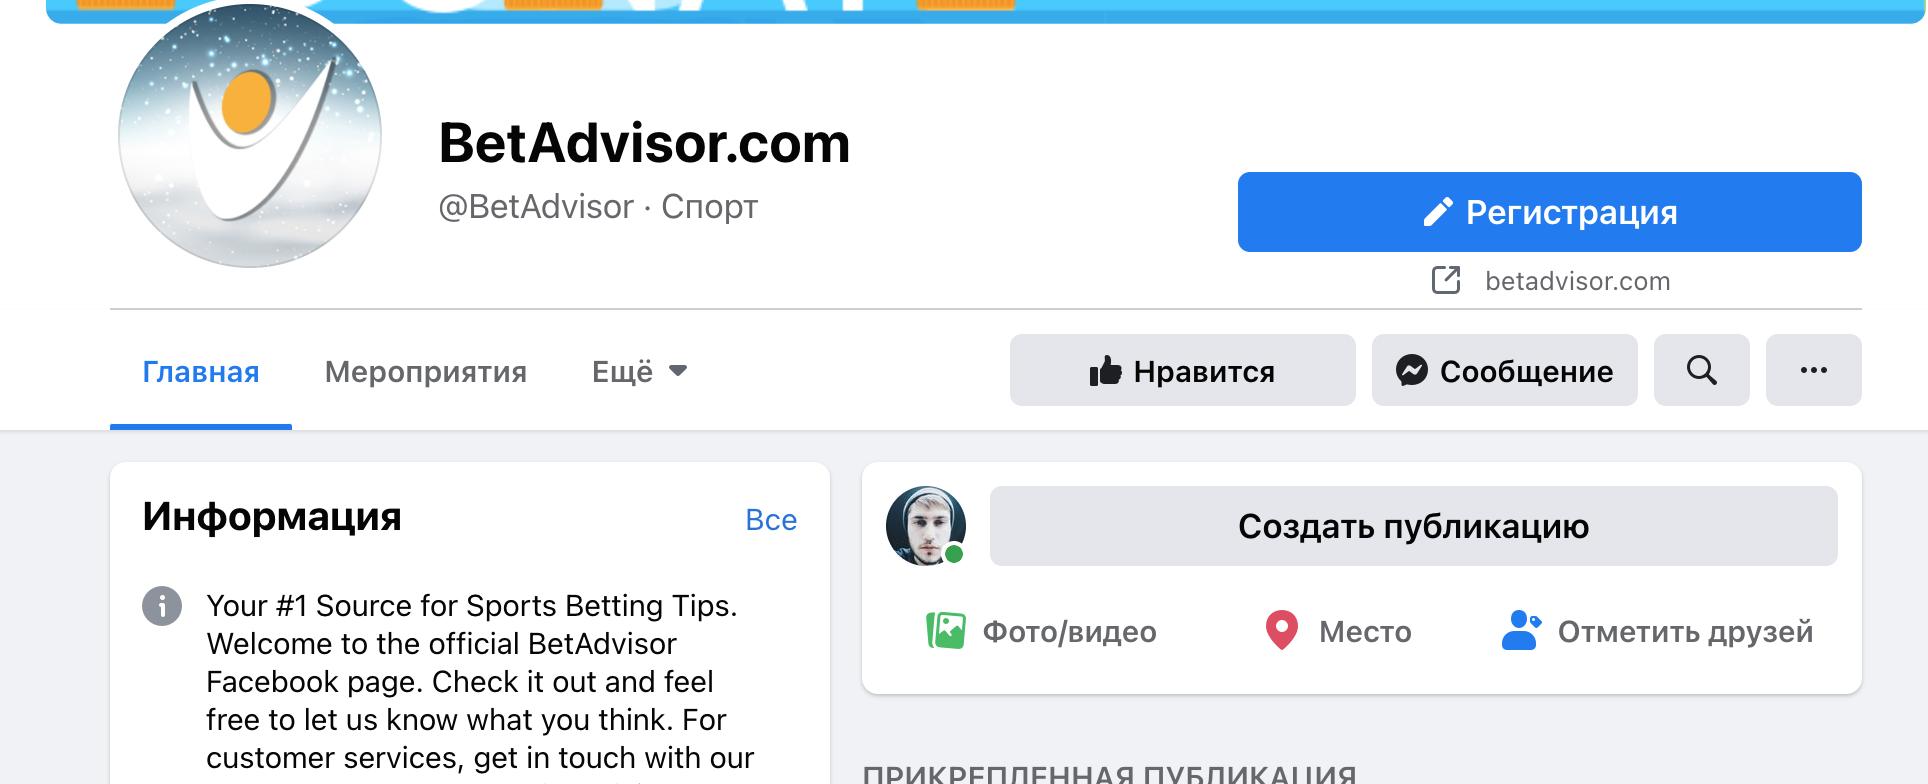 Официальная страница фейсбук Betadvisor com